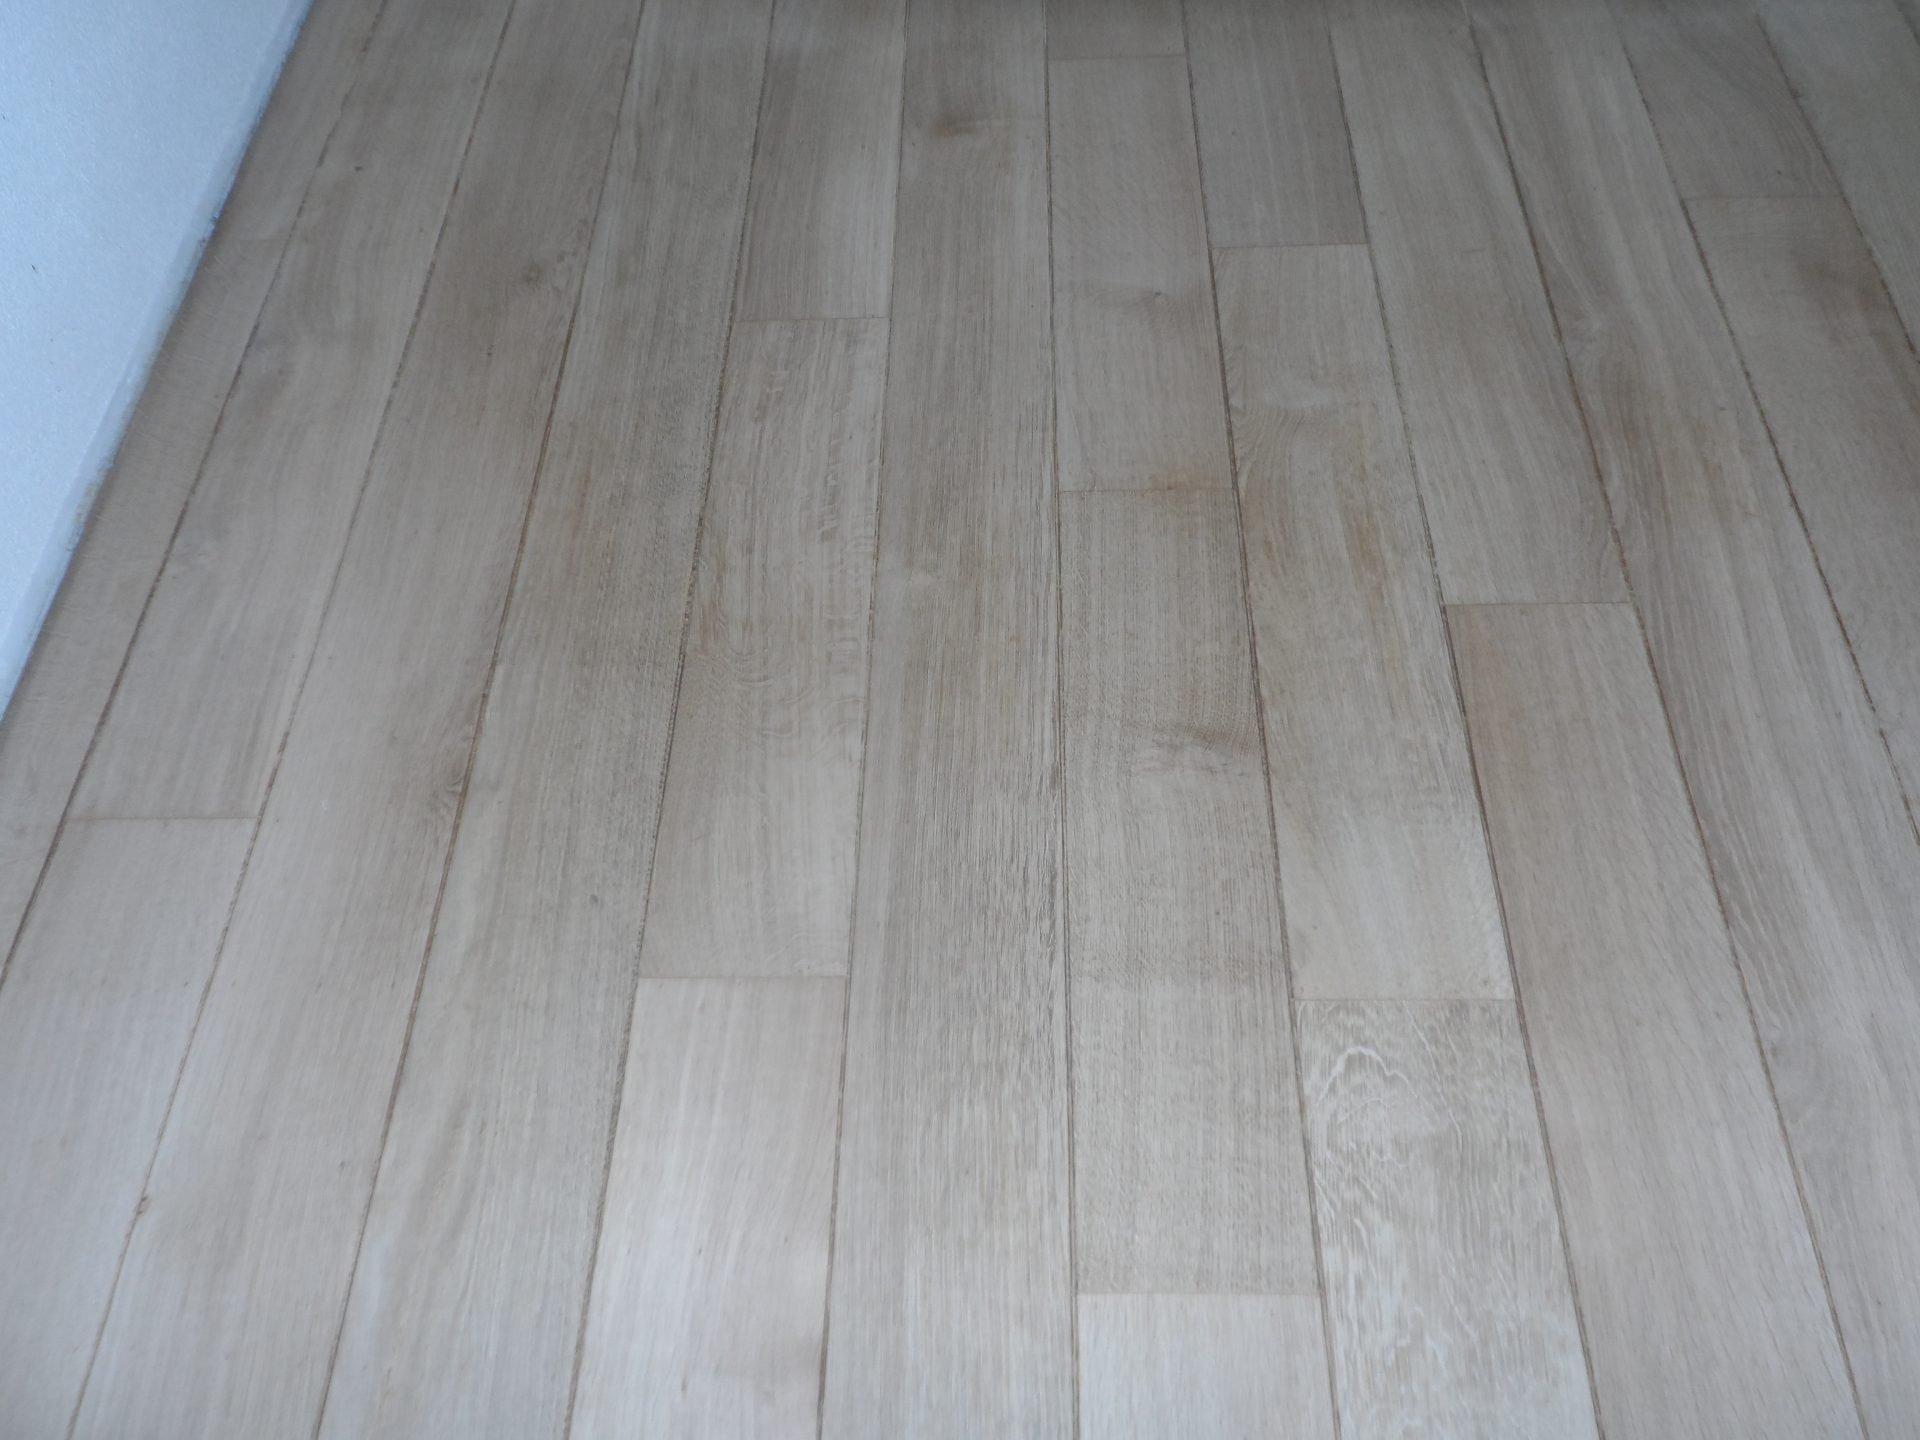 vloer-renovatie-Eiken-tapis-vloer-schuren-borsten-en-inkleuren-met-Ceranova-grijs-afwerken-met-een-naturelle-olie-6